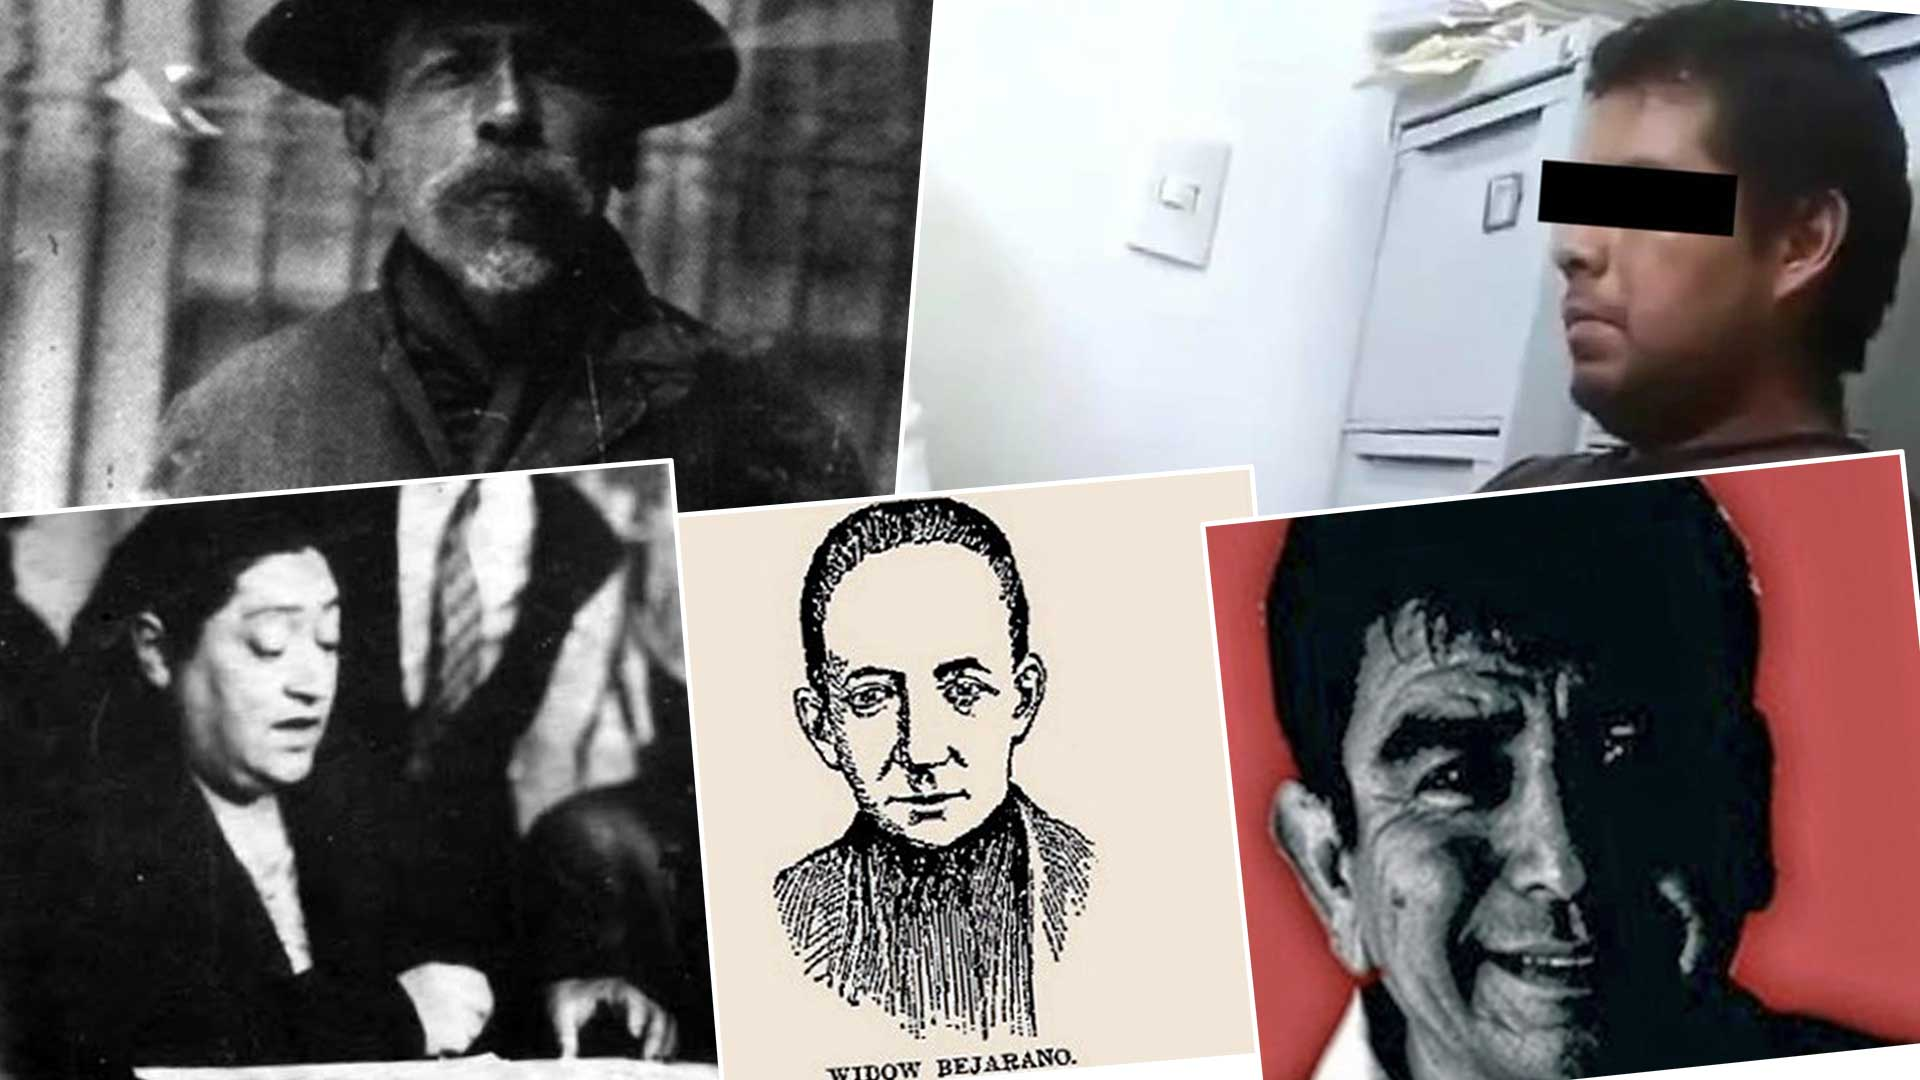 Los primeros asesinos seriales en México aparecieron a finales del siglo 19